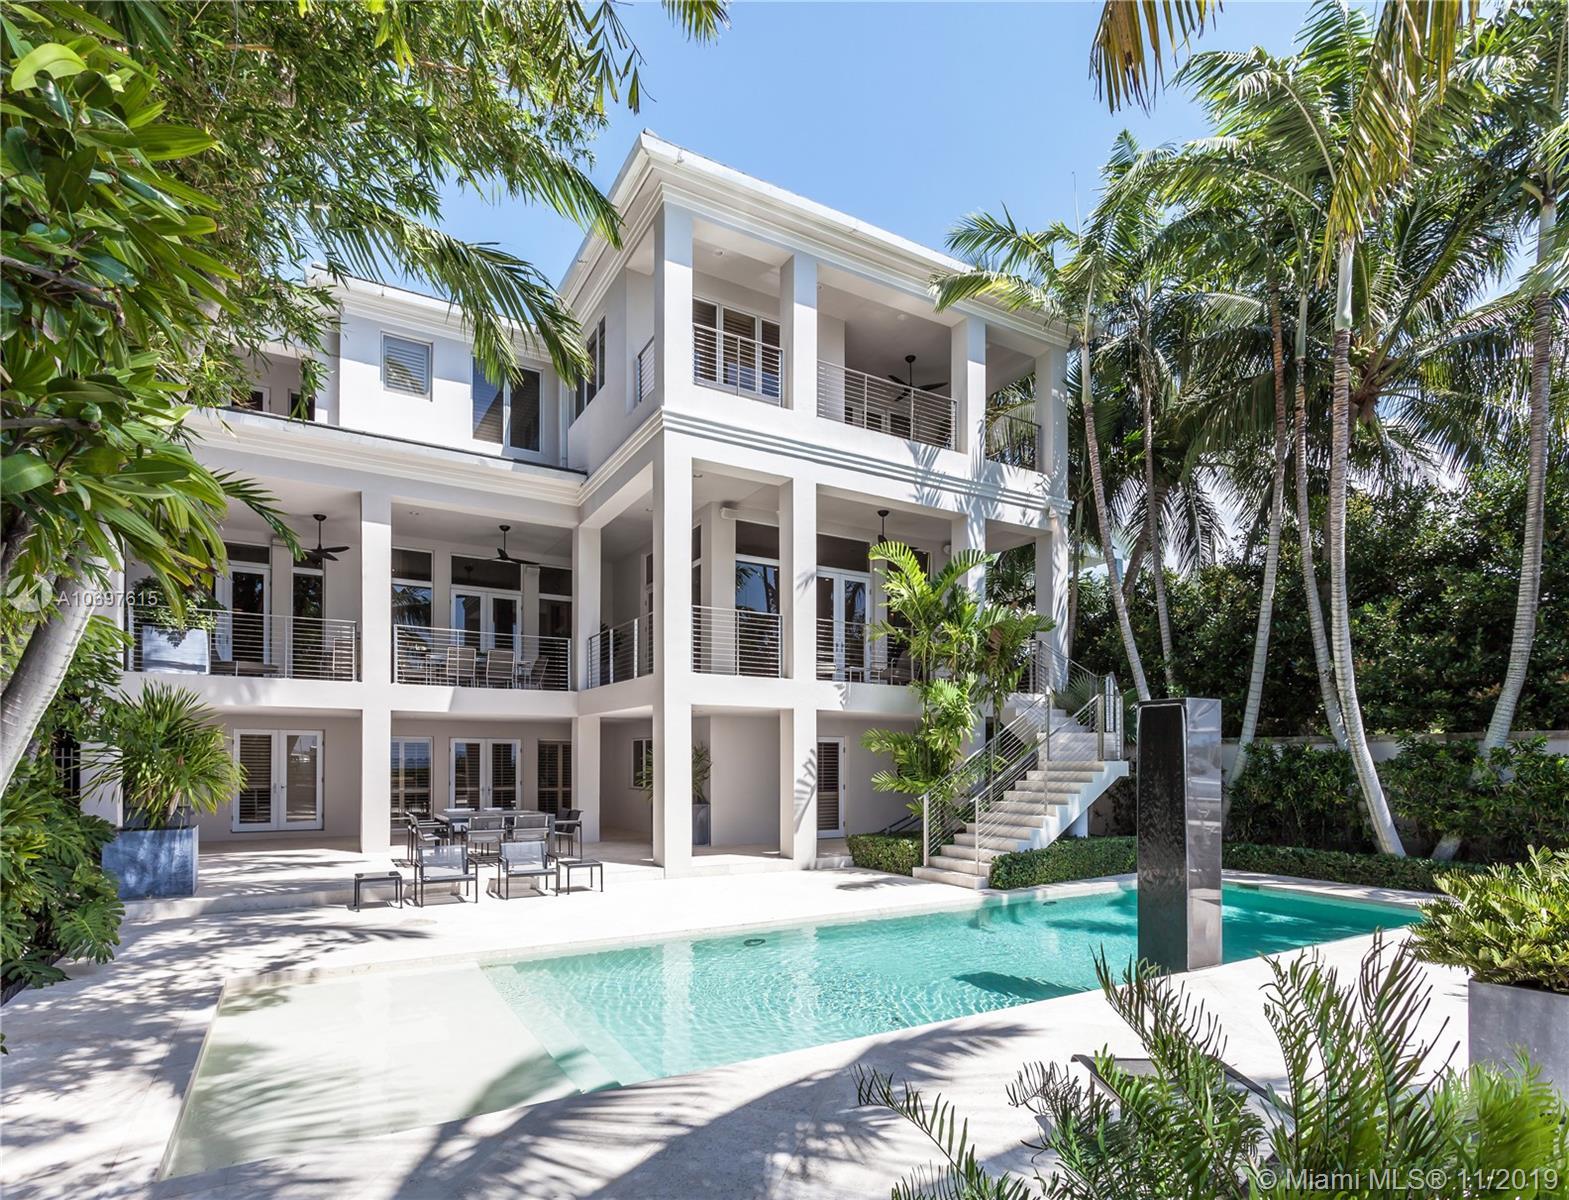 3309 Devon Ct, Miami, FL 33133